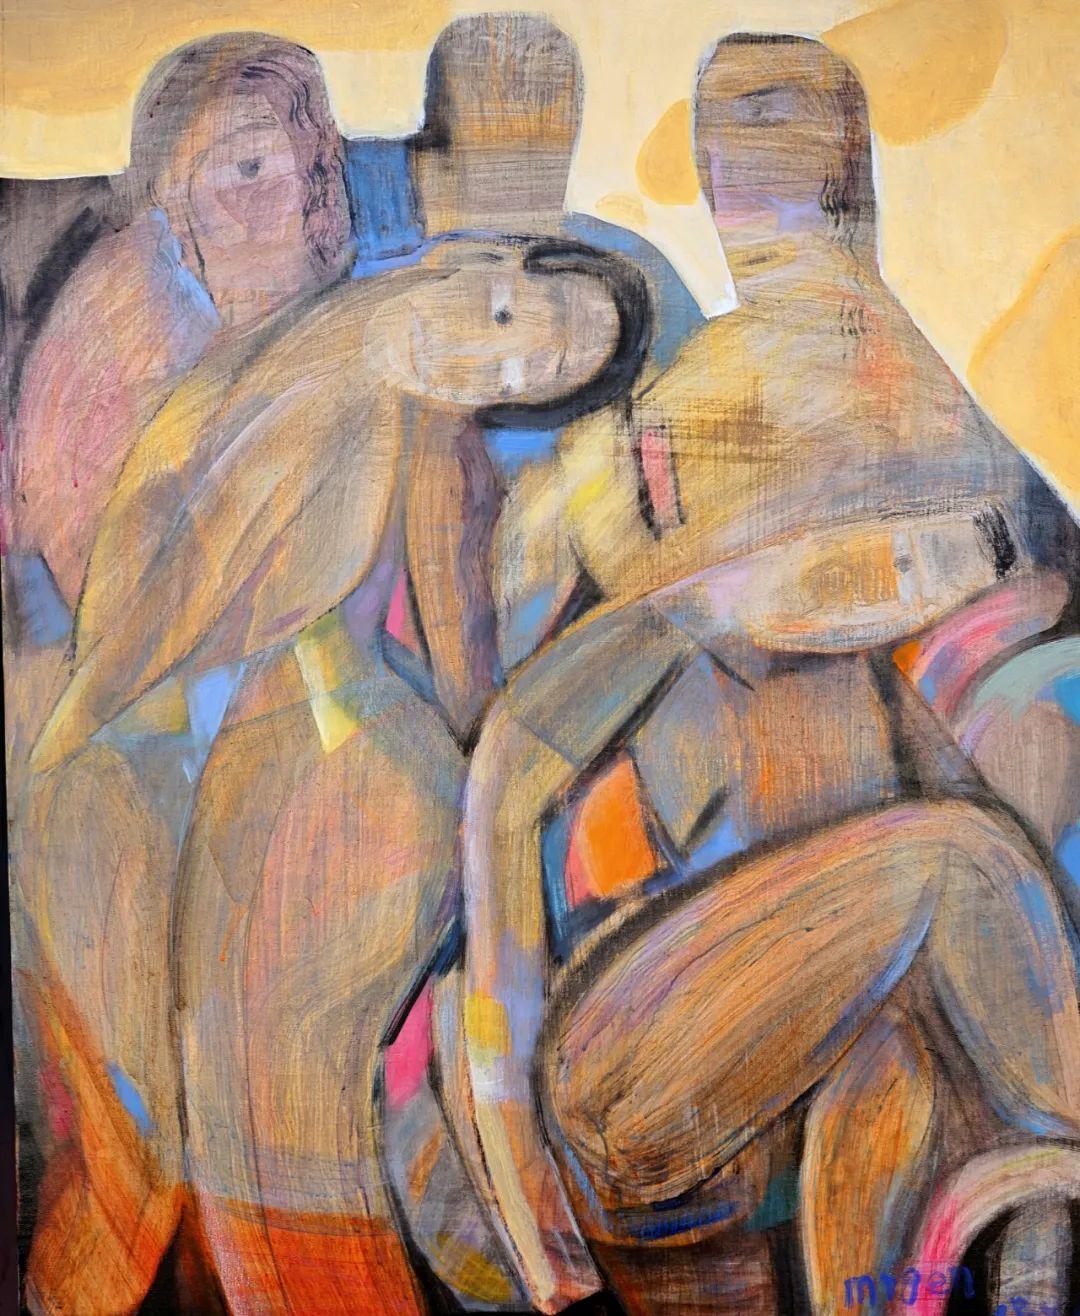 莫日根   用绘画寻找灵魂栖居之所 第16张 莫日根   用绘画寻找灵魂栖居之所 蒙古画廊